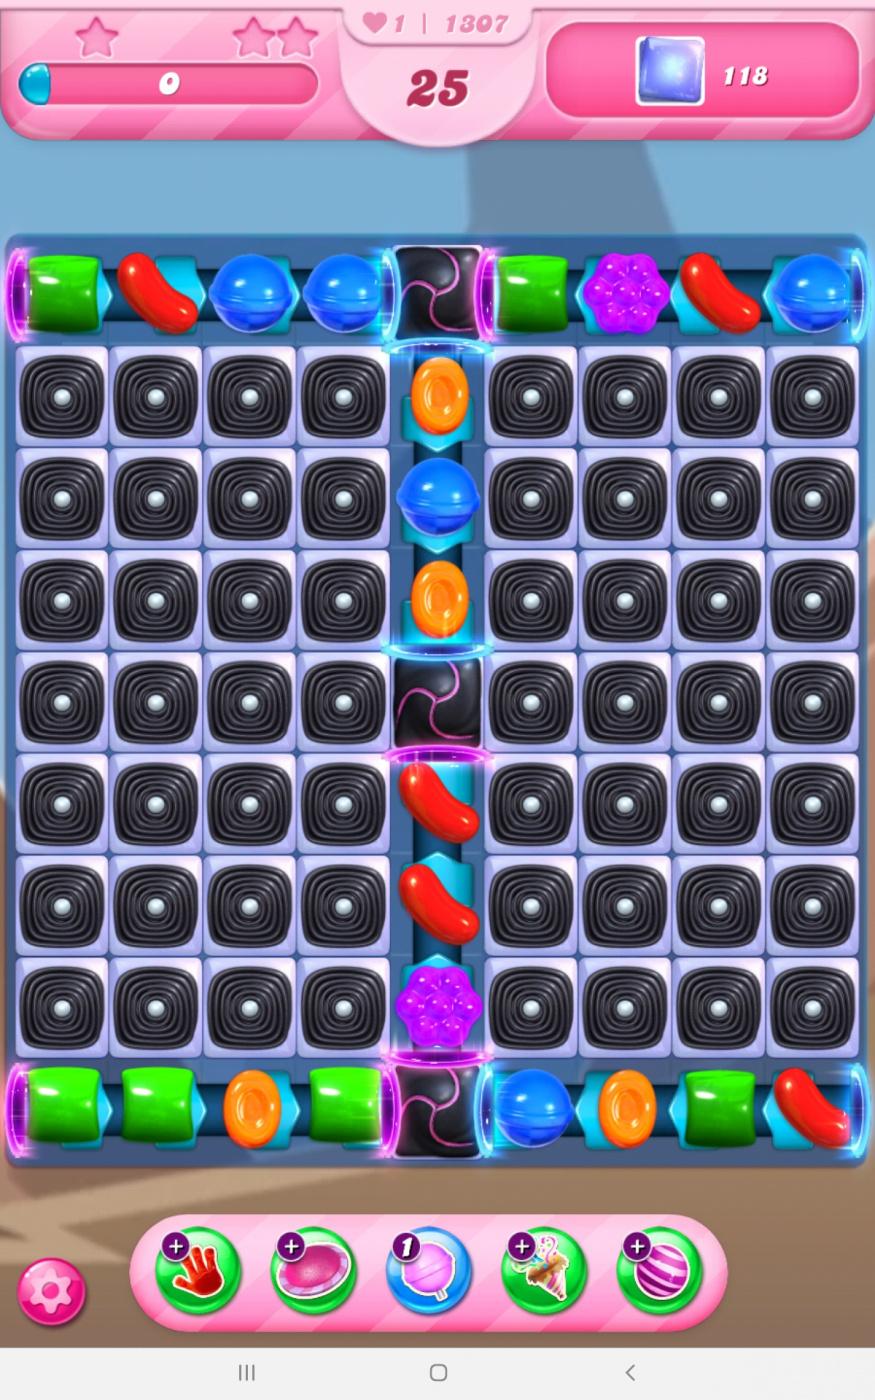 Screenshot_20210409-120036_Candy Crush Saga.jpg